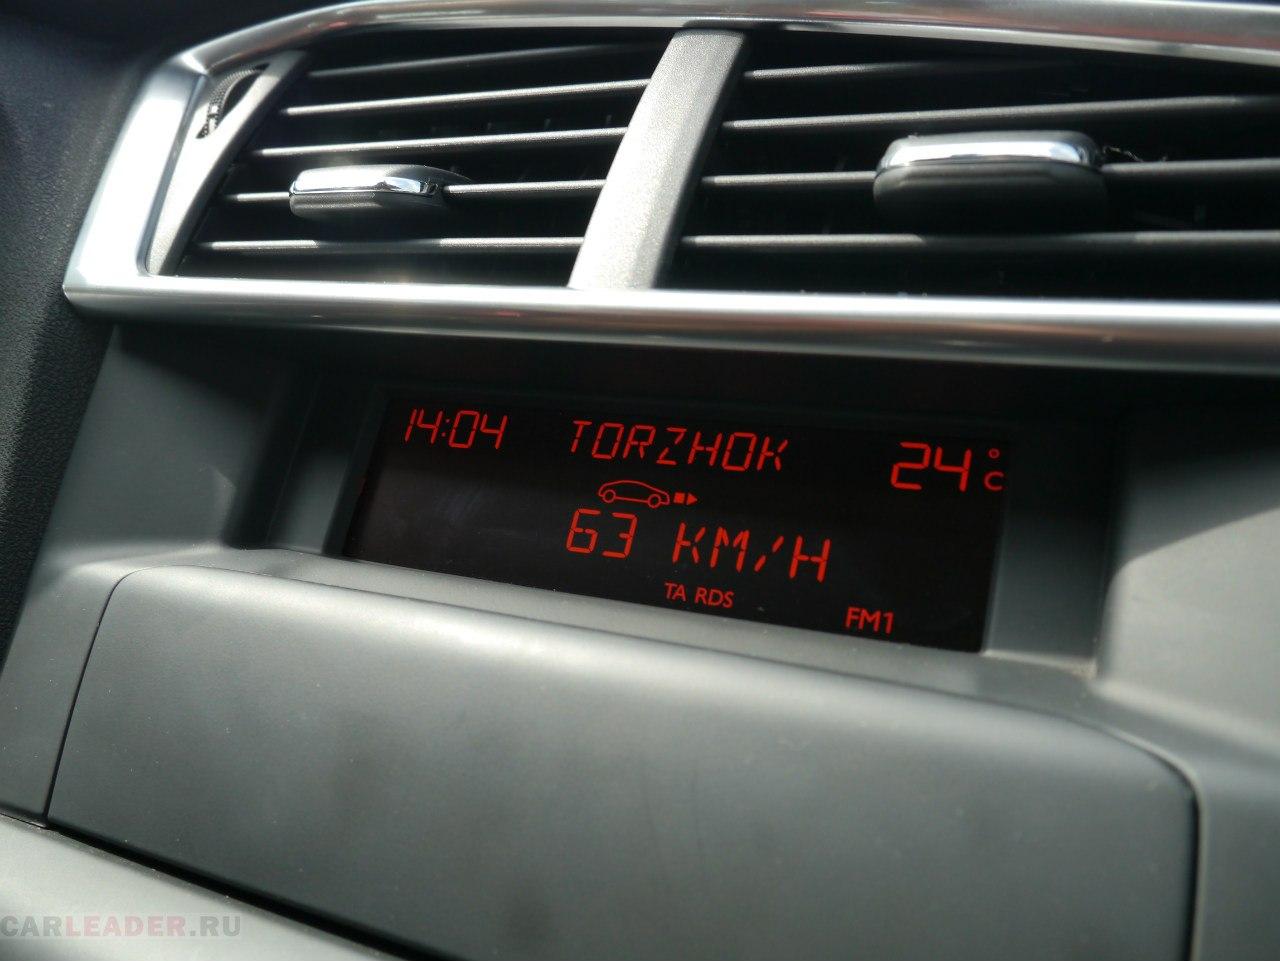 Радио Торжок